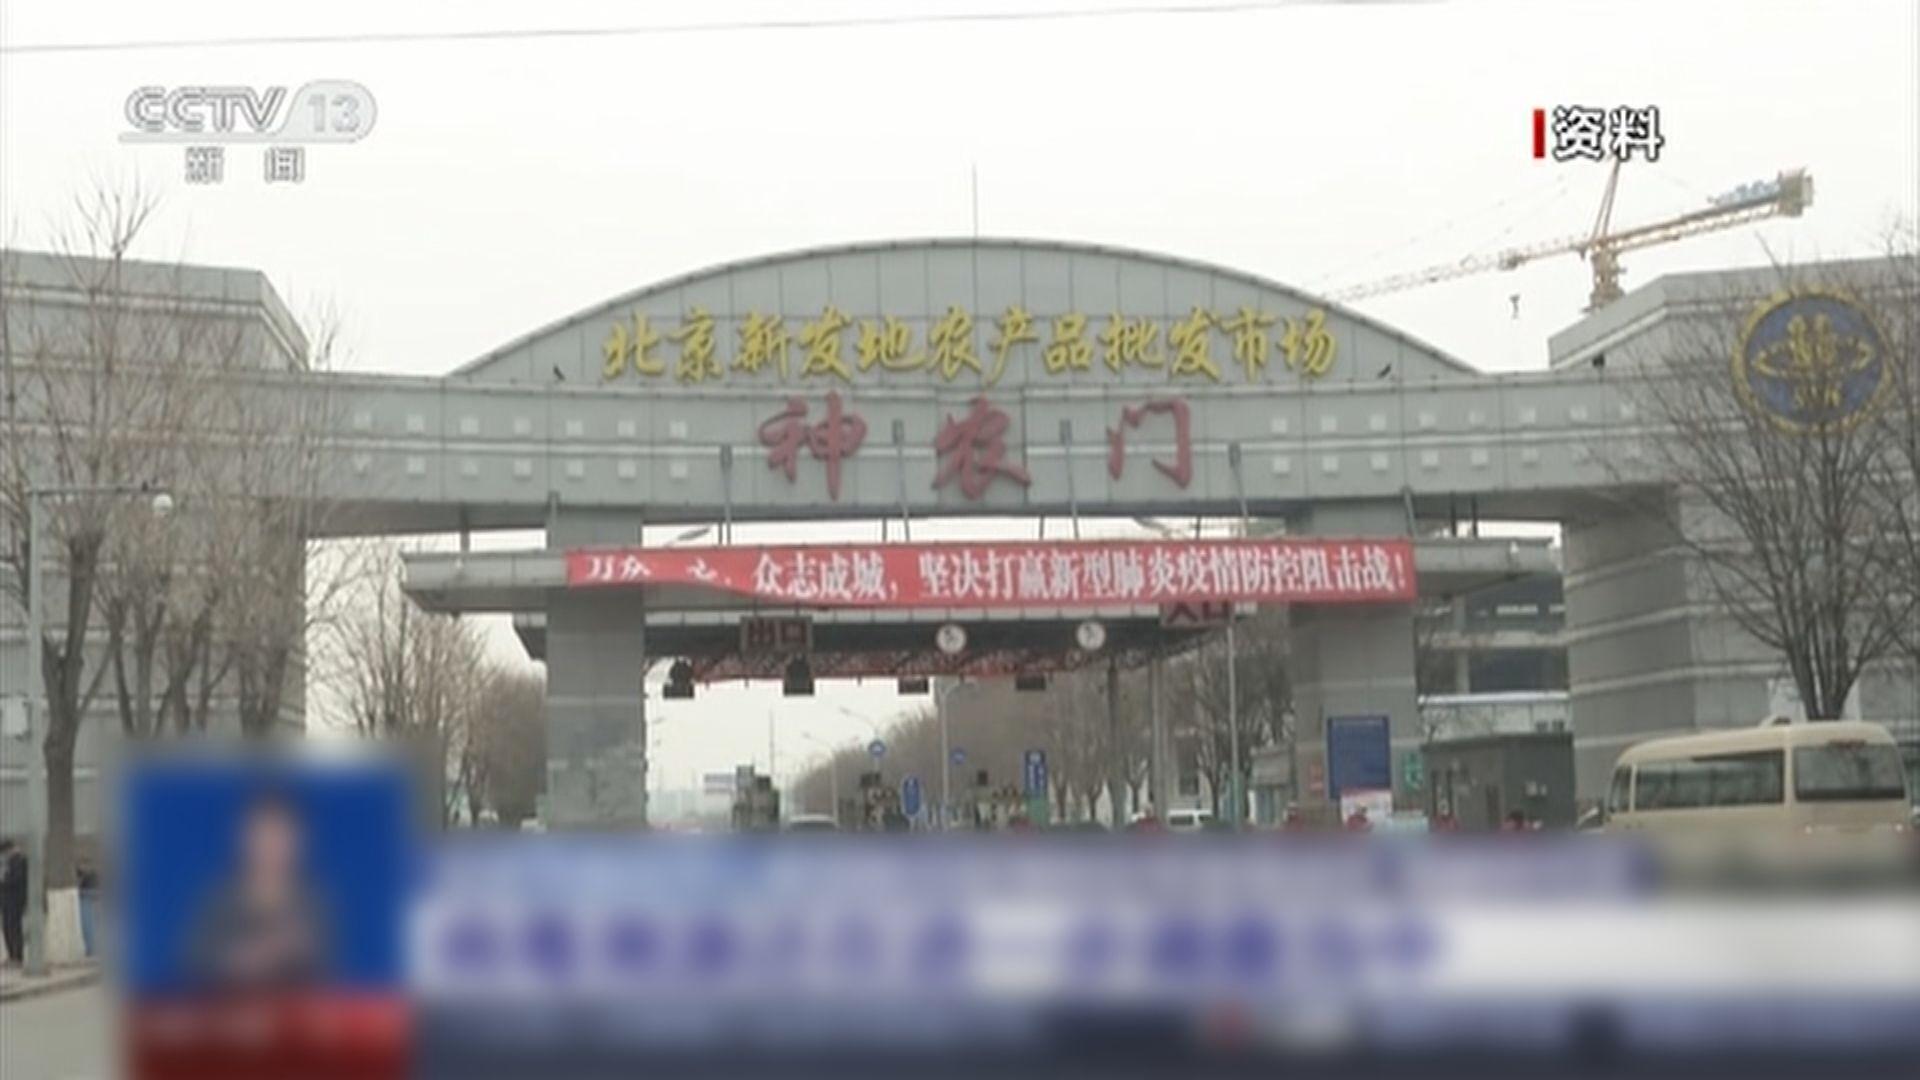 專家指北京疫情病毒可能來自歐洲